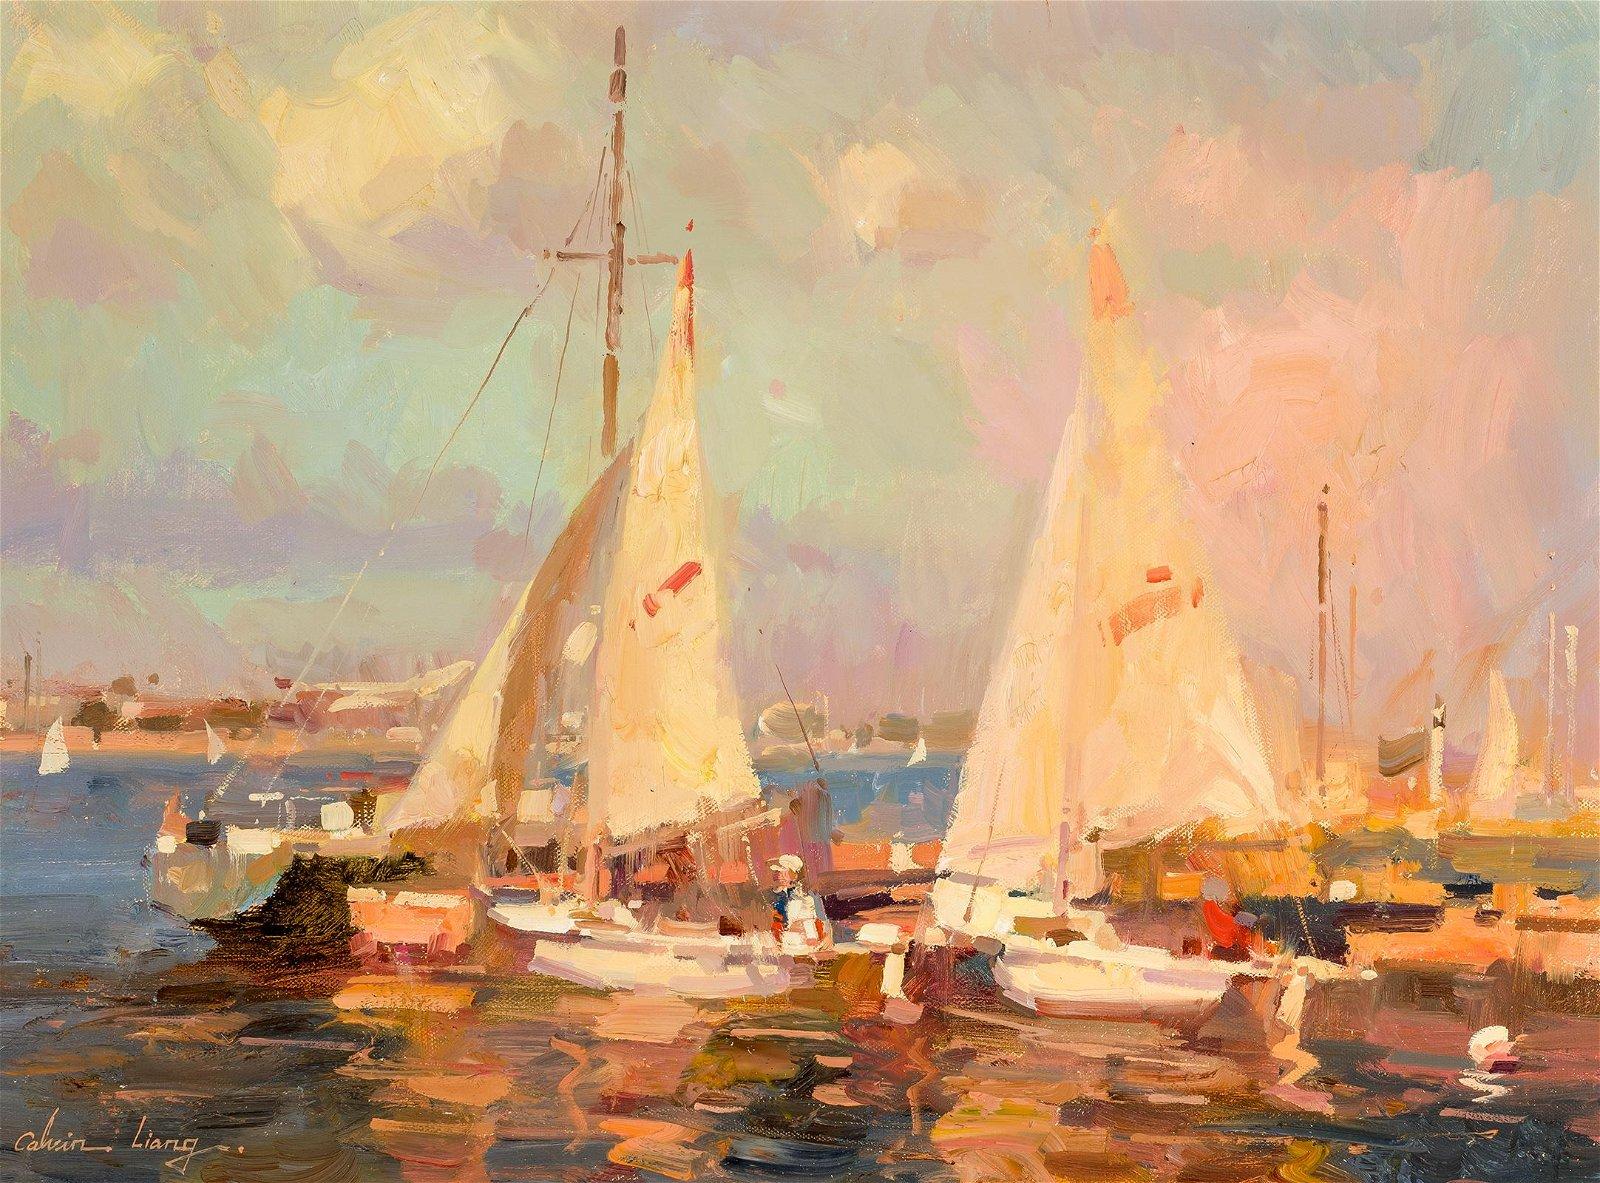 Calvin Liang | Afternoon Sailing at Newport Beach